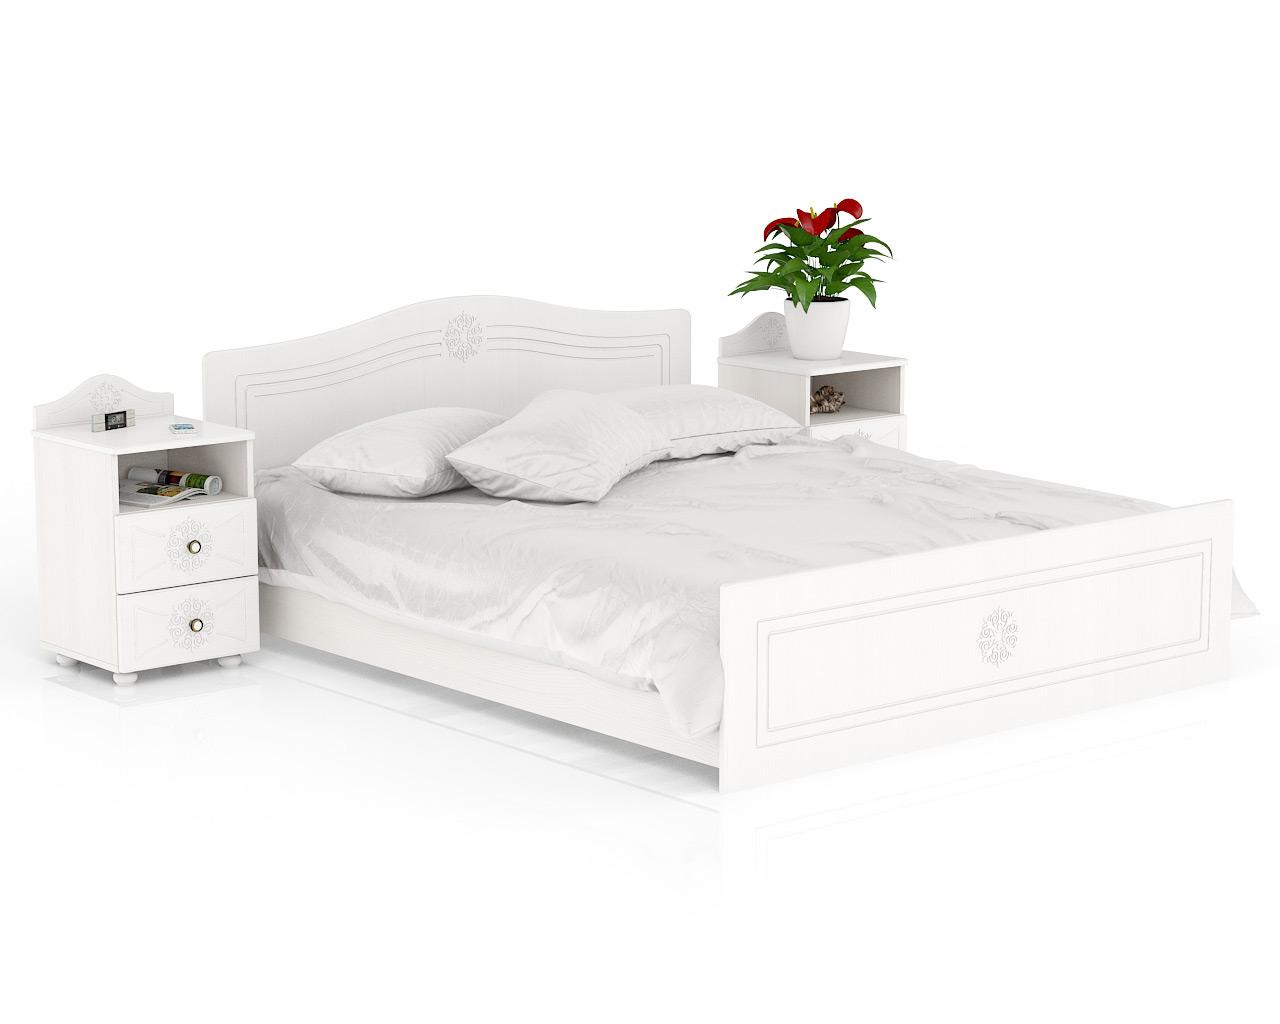 Кровать с тумбами прикроватными Мебельный Двор Онега ТП-2+КР-1600+ТП-2 белый 259х204х84